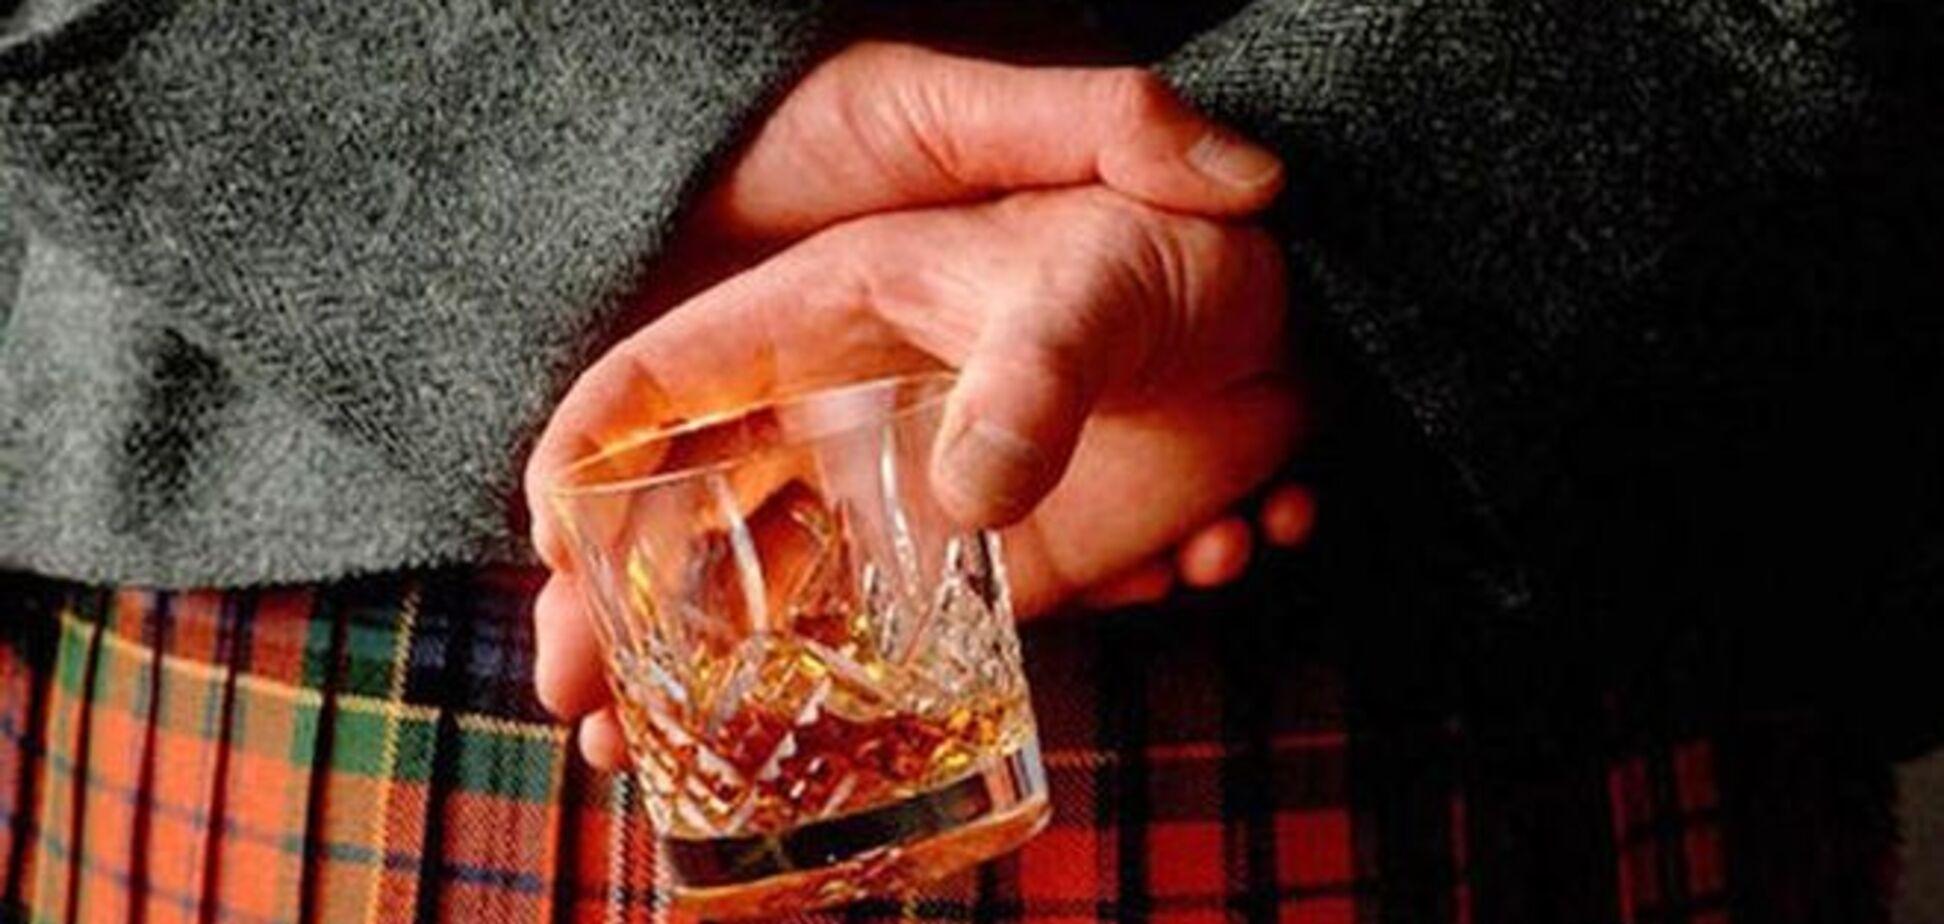 В Ірландії алкогольні 'маніяки' викрали 15 тисяч пляшок відмінного віскі